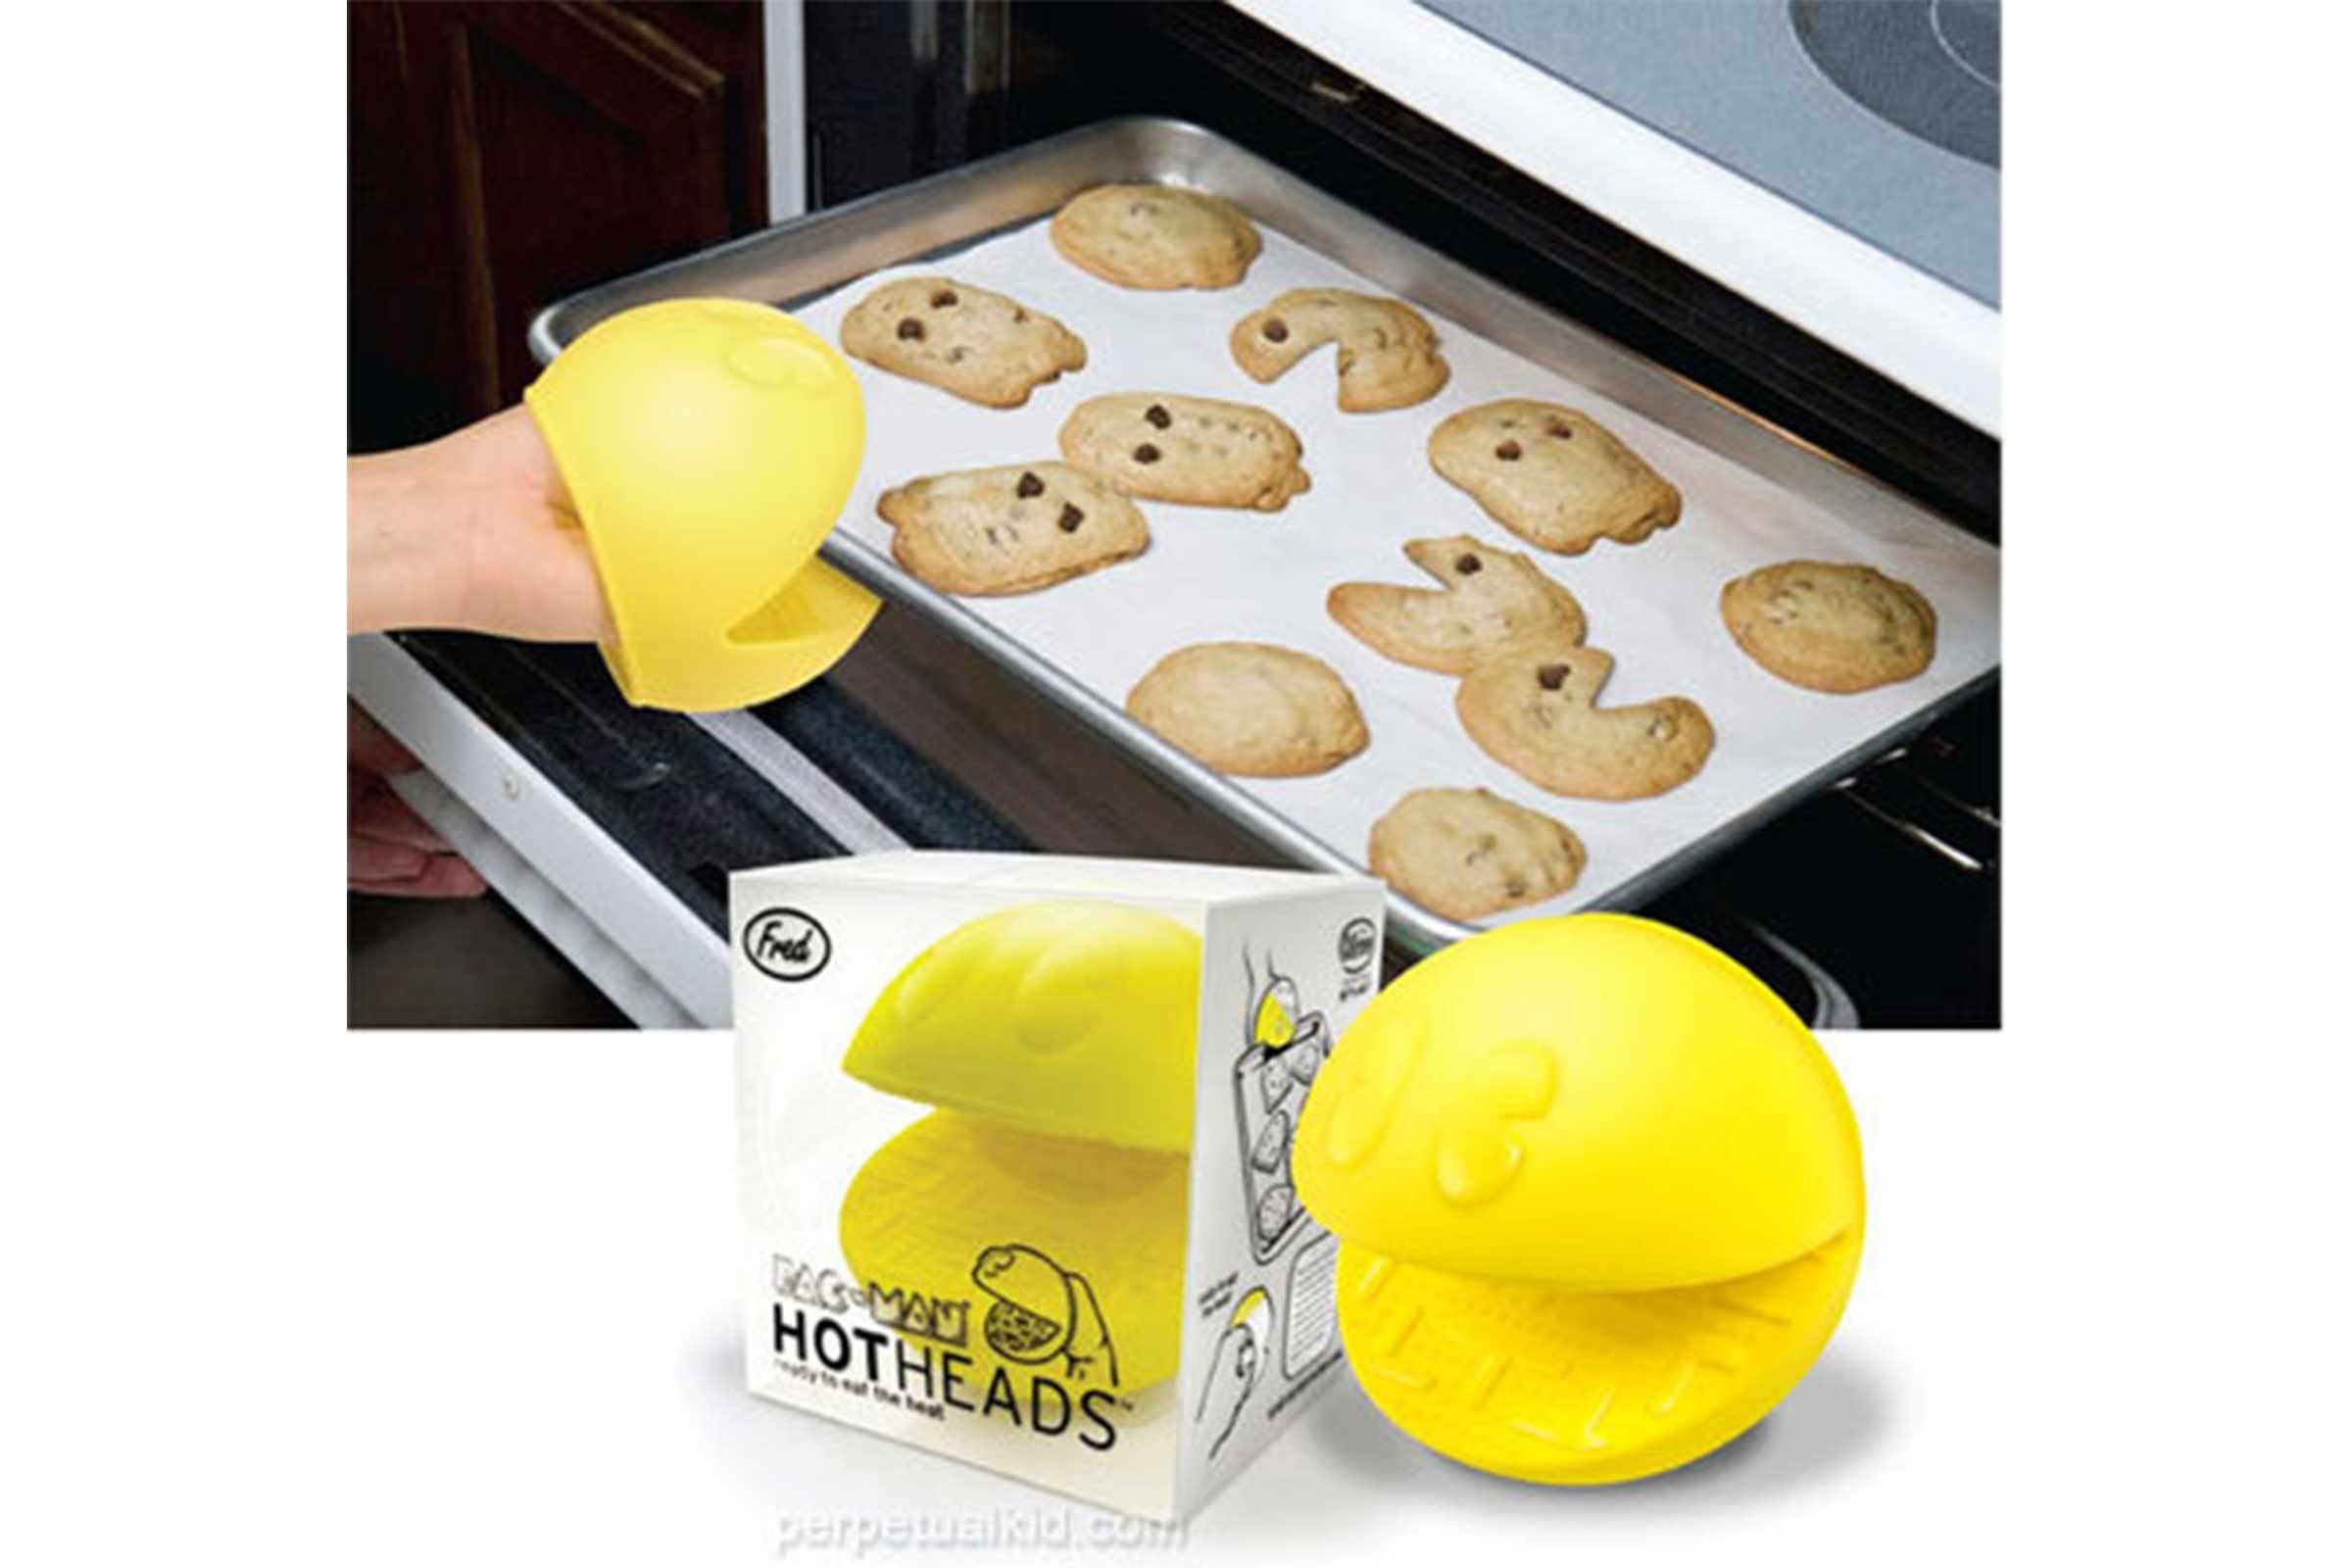 32 unique and weird kitchen gadgets reader 39 s digest